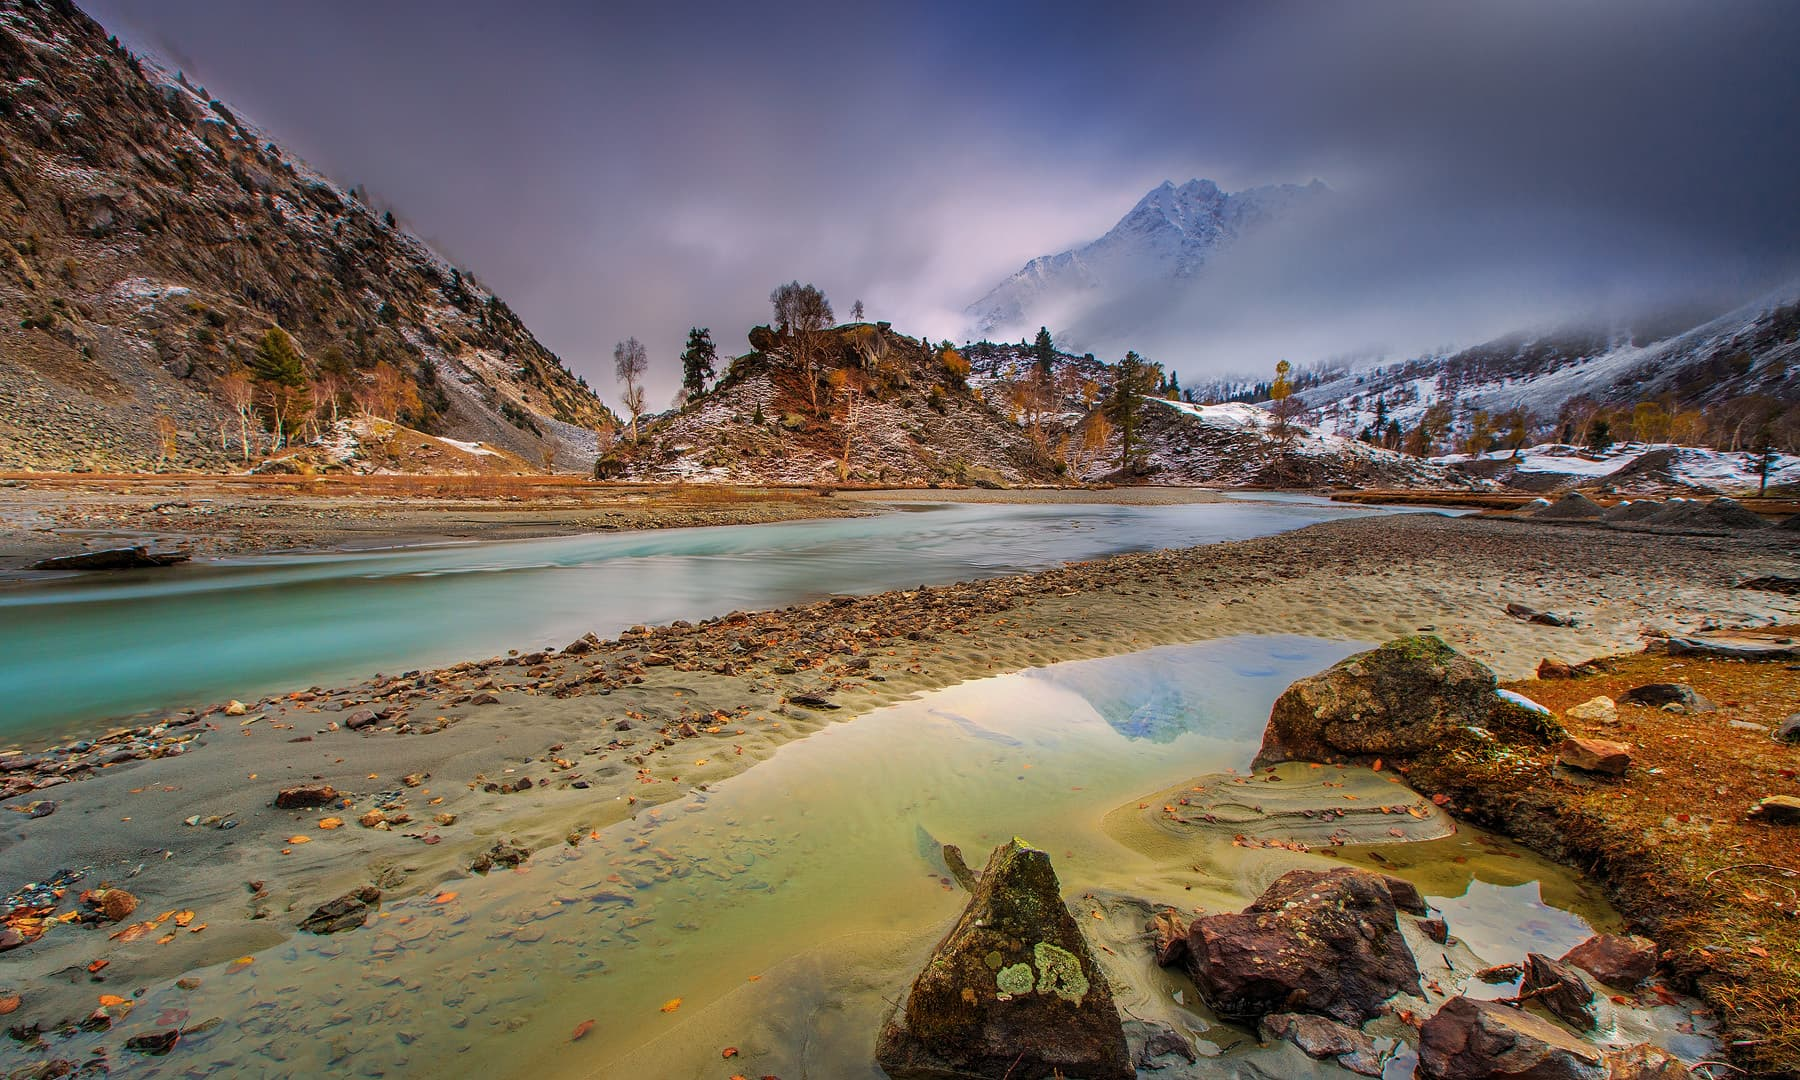 دریائے نلتر — فوٹو سید مہدی بخاری